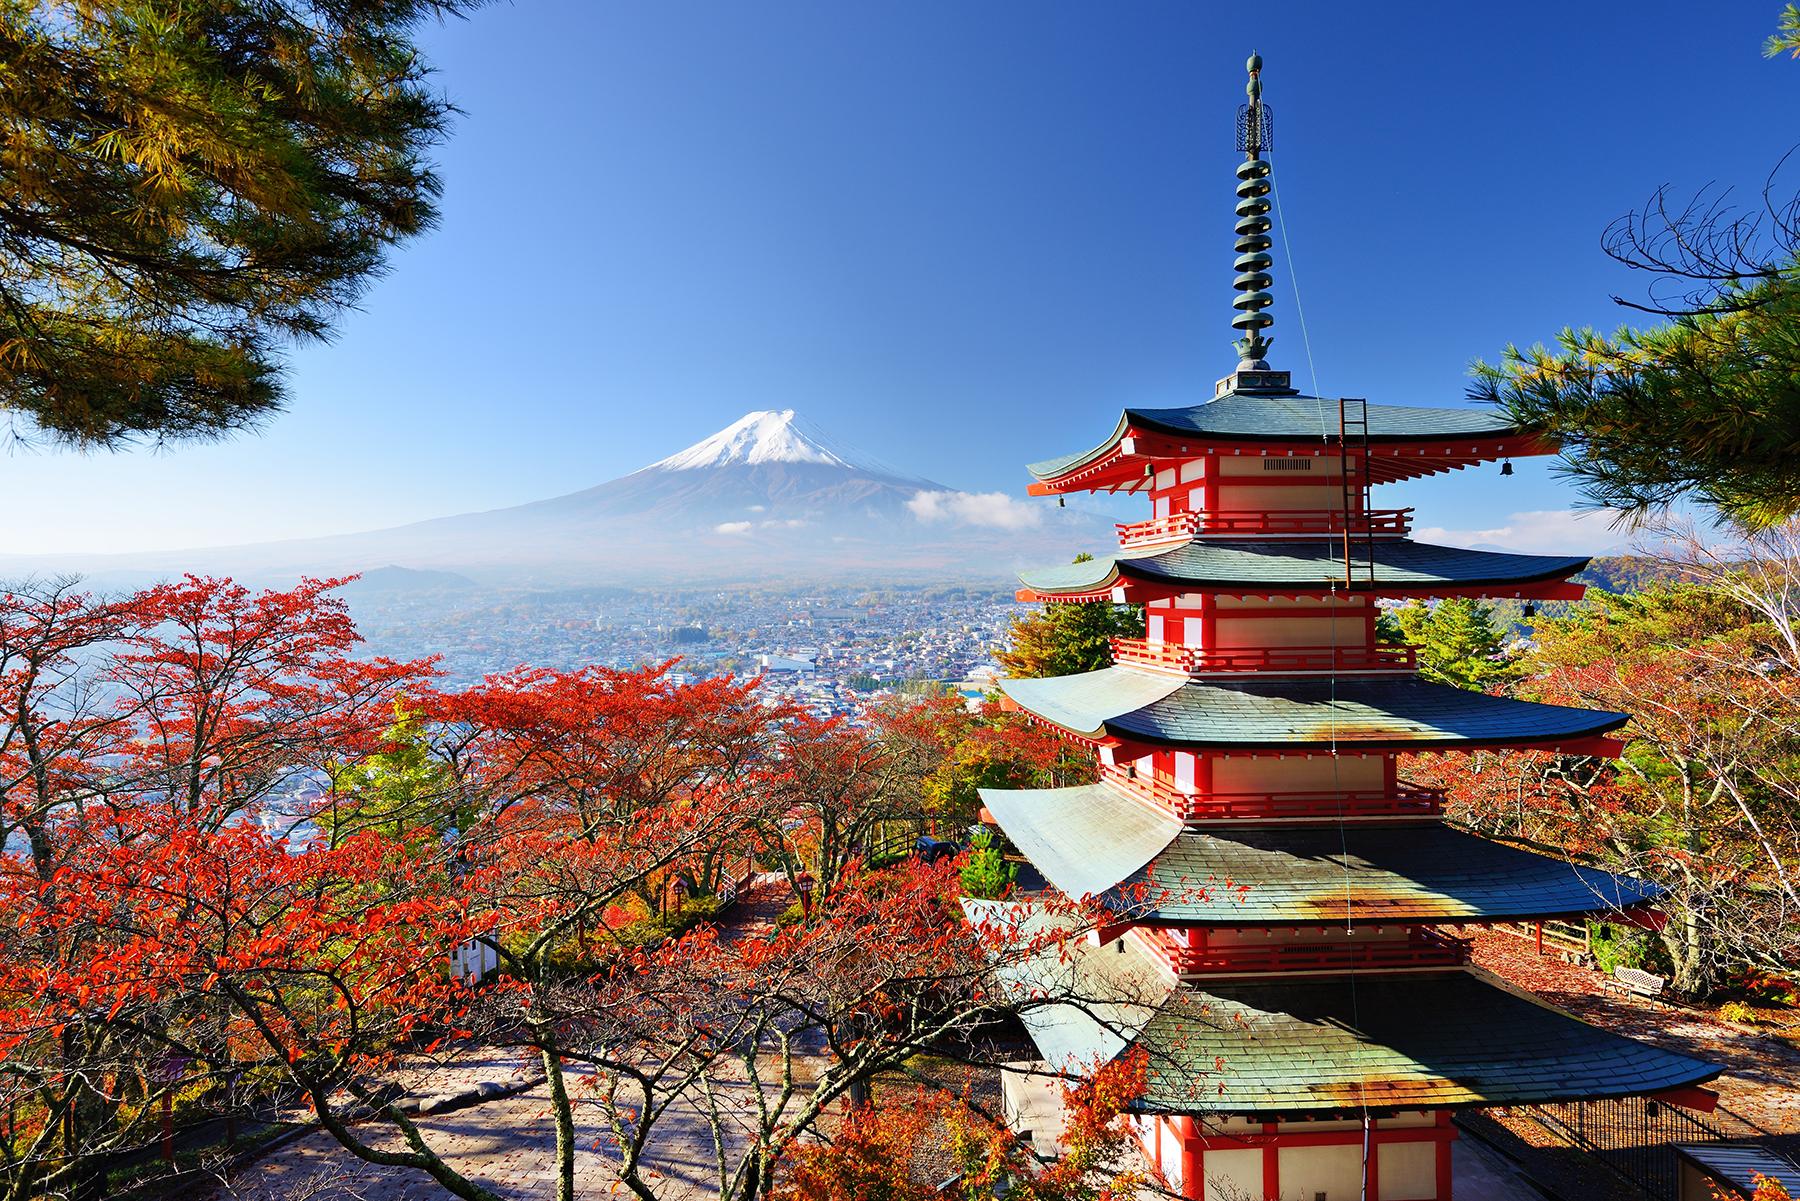 ебется картинка япония пейзаж новообразованиями